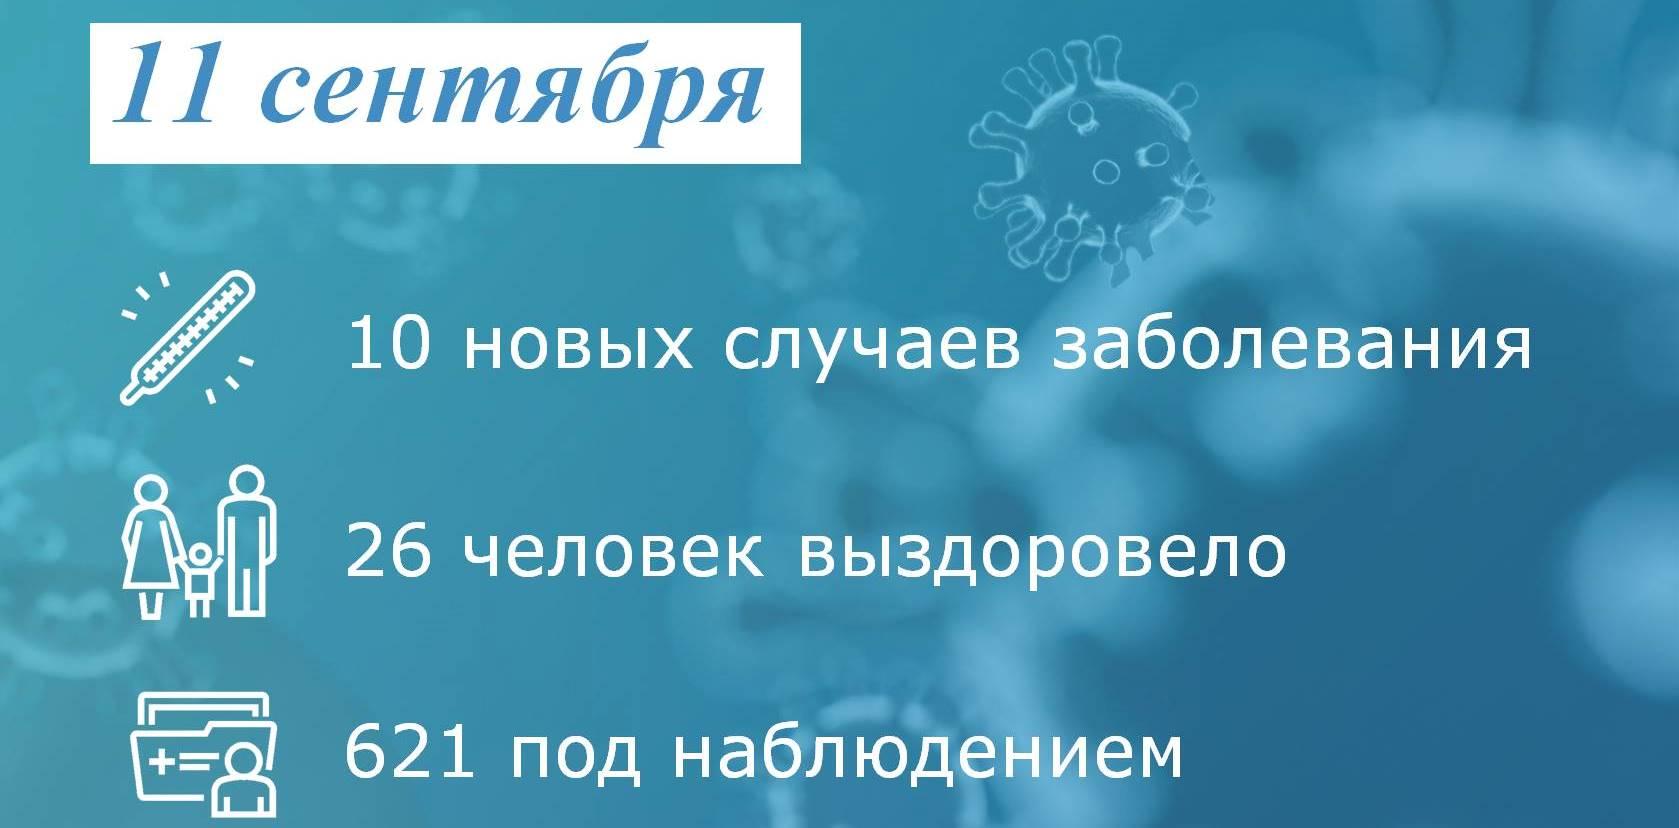 Коронавирус: в Таганроге снова заболели 10 человек